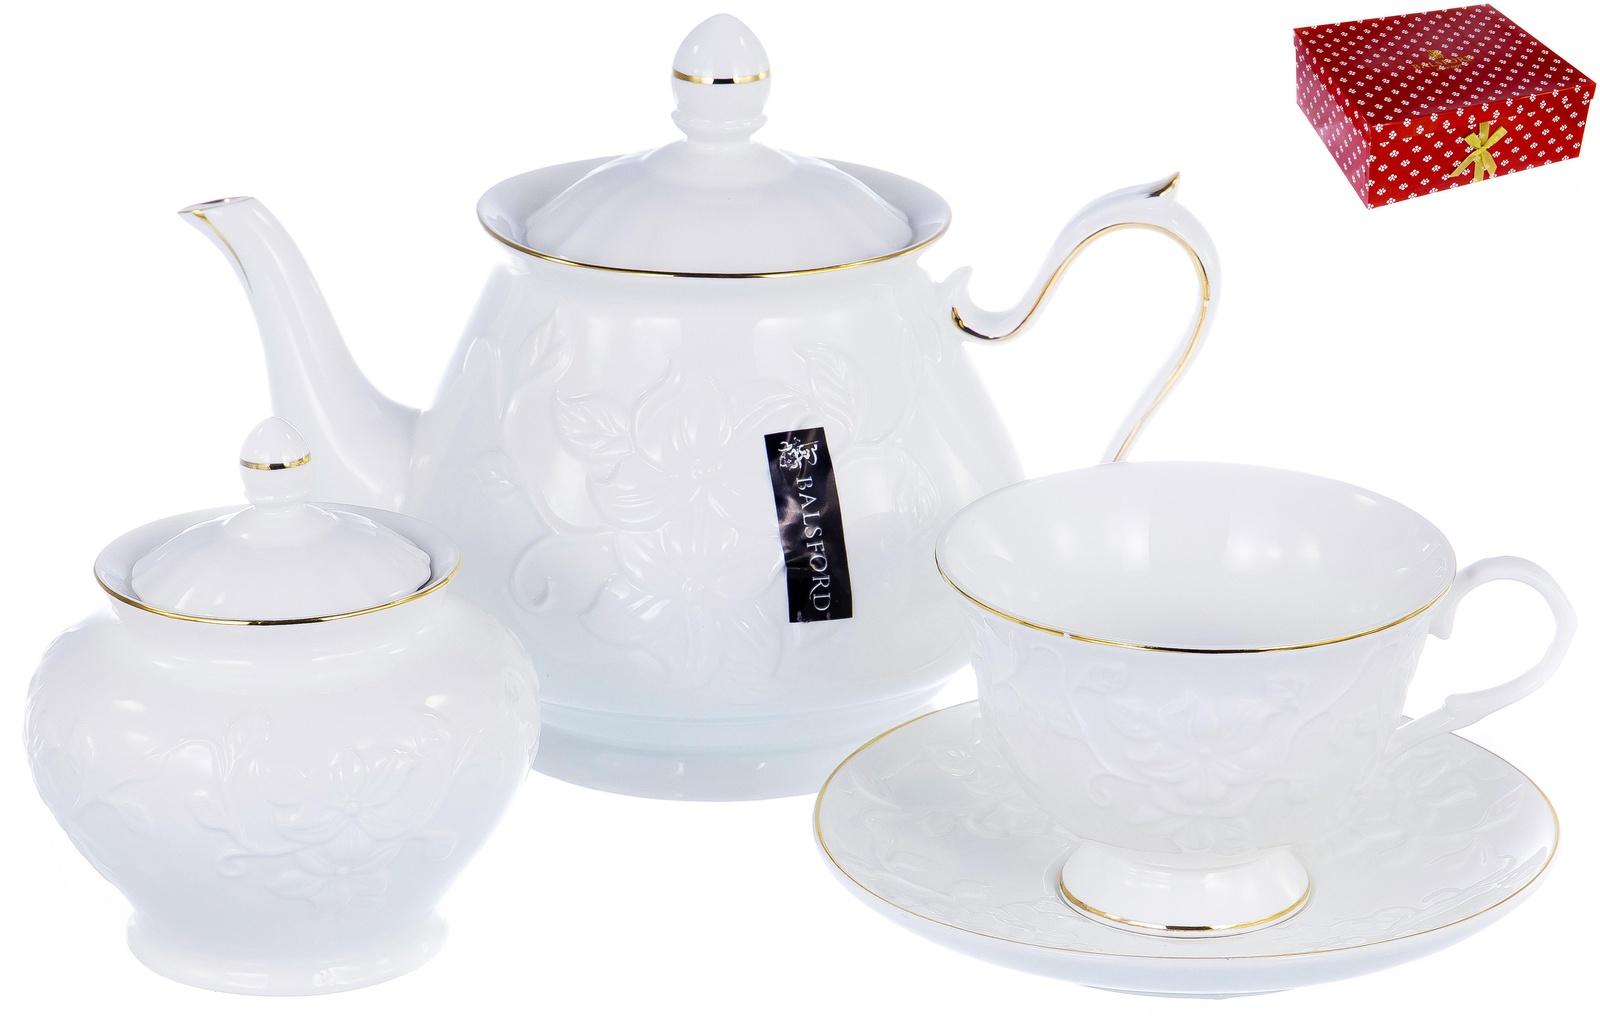 Набор чайный ГРАЦИЯ, серия Агава, 6 чашек 220мл, 6 блюдец,чайник с крышкой 1000мл, сахарница с крышкой 400мл, NEW BONE CHINA, белый рельефный рисунок с золотом, прямоугольная подарочная упаковка с окном и бантом, ТМ Balsford, артикул 101-30015